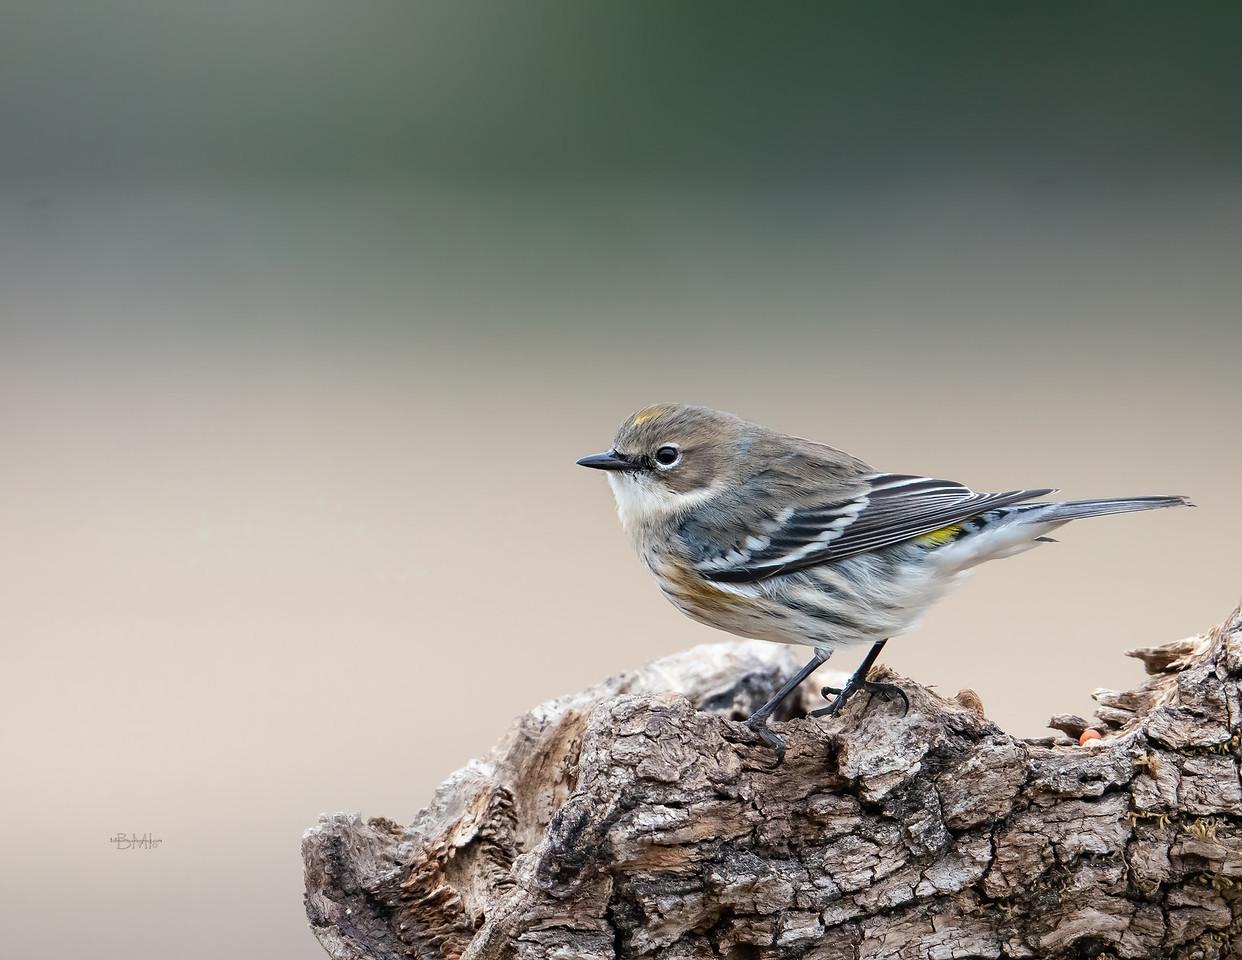 IMAGE: https://photos.smugmug.com/Beautyinthetreesandintheair/Birds/i-H8PjTjj/0/385b196b/X2/Yellow-rumped%20warbler_9_12-30-2020-18-X2.jpg